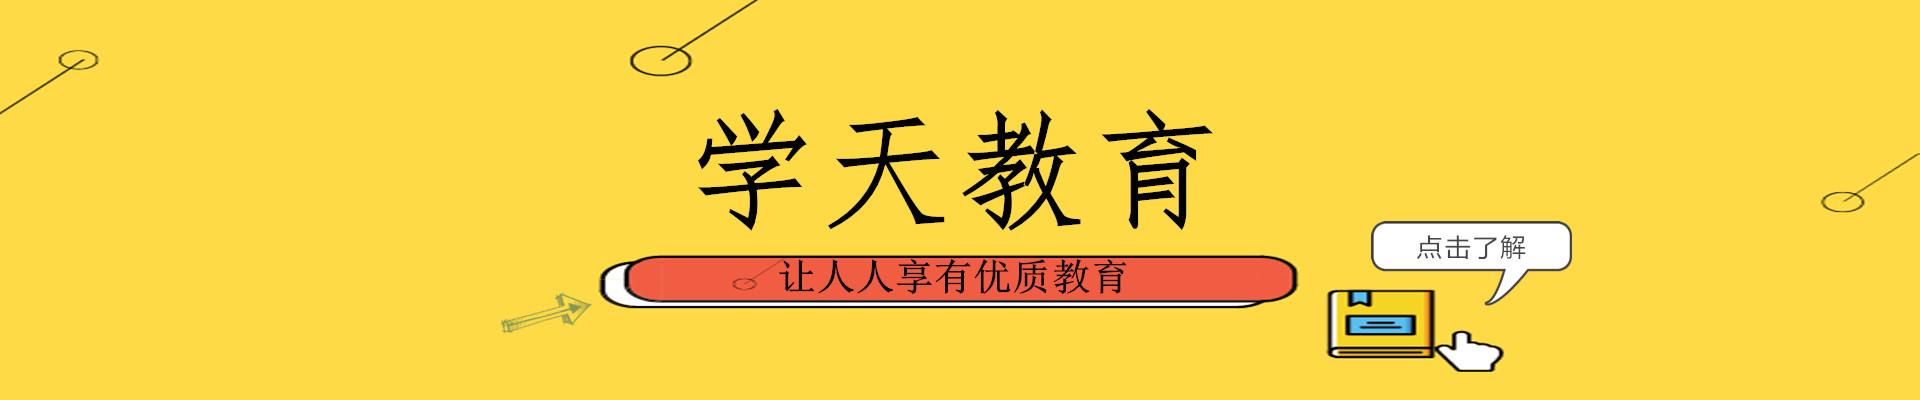 浙江杭州合众学天教育培训